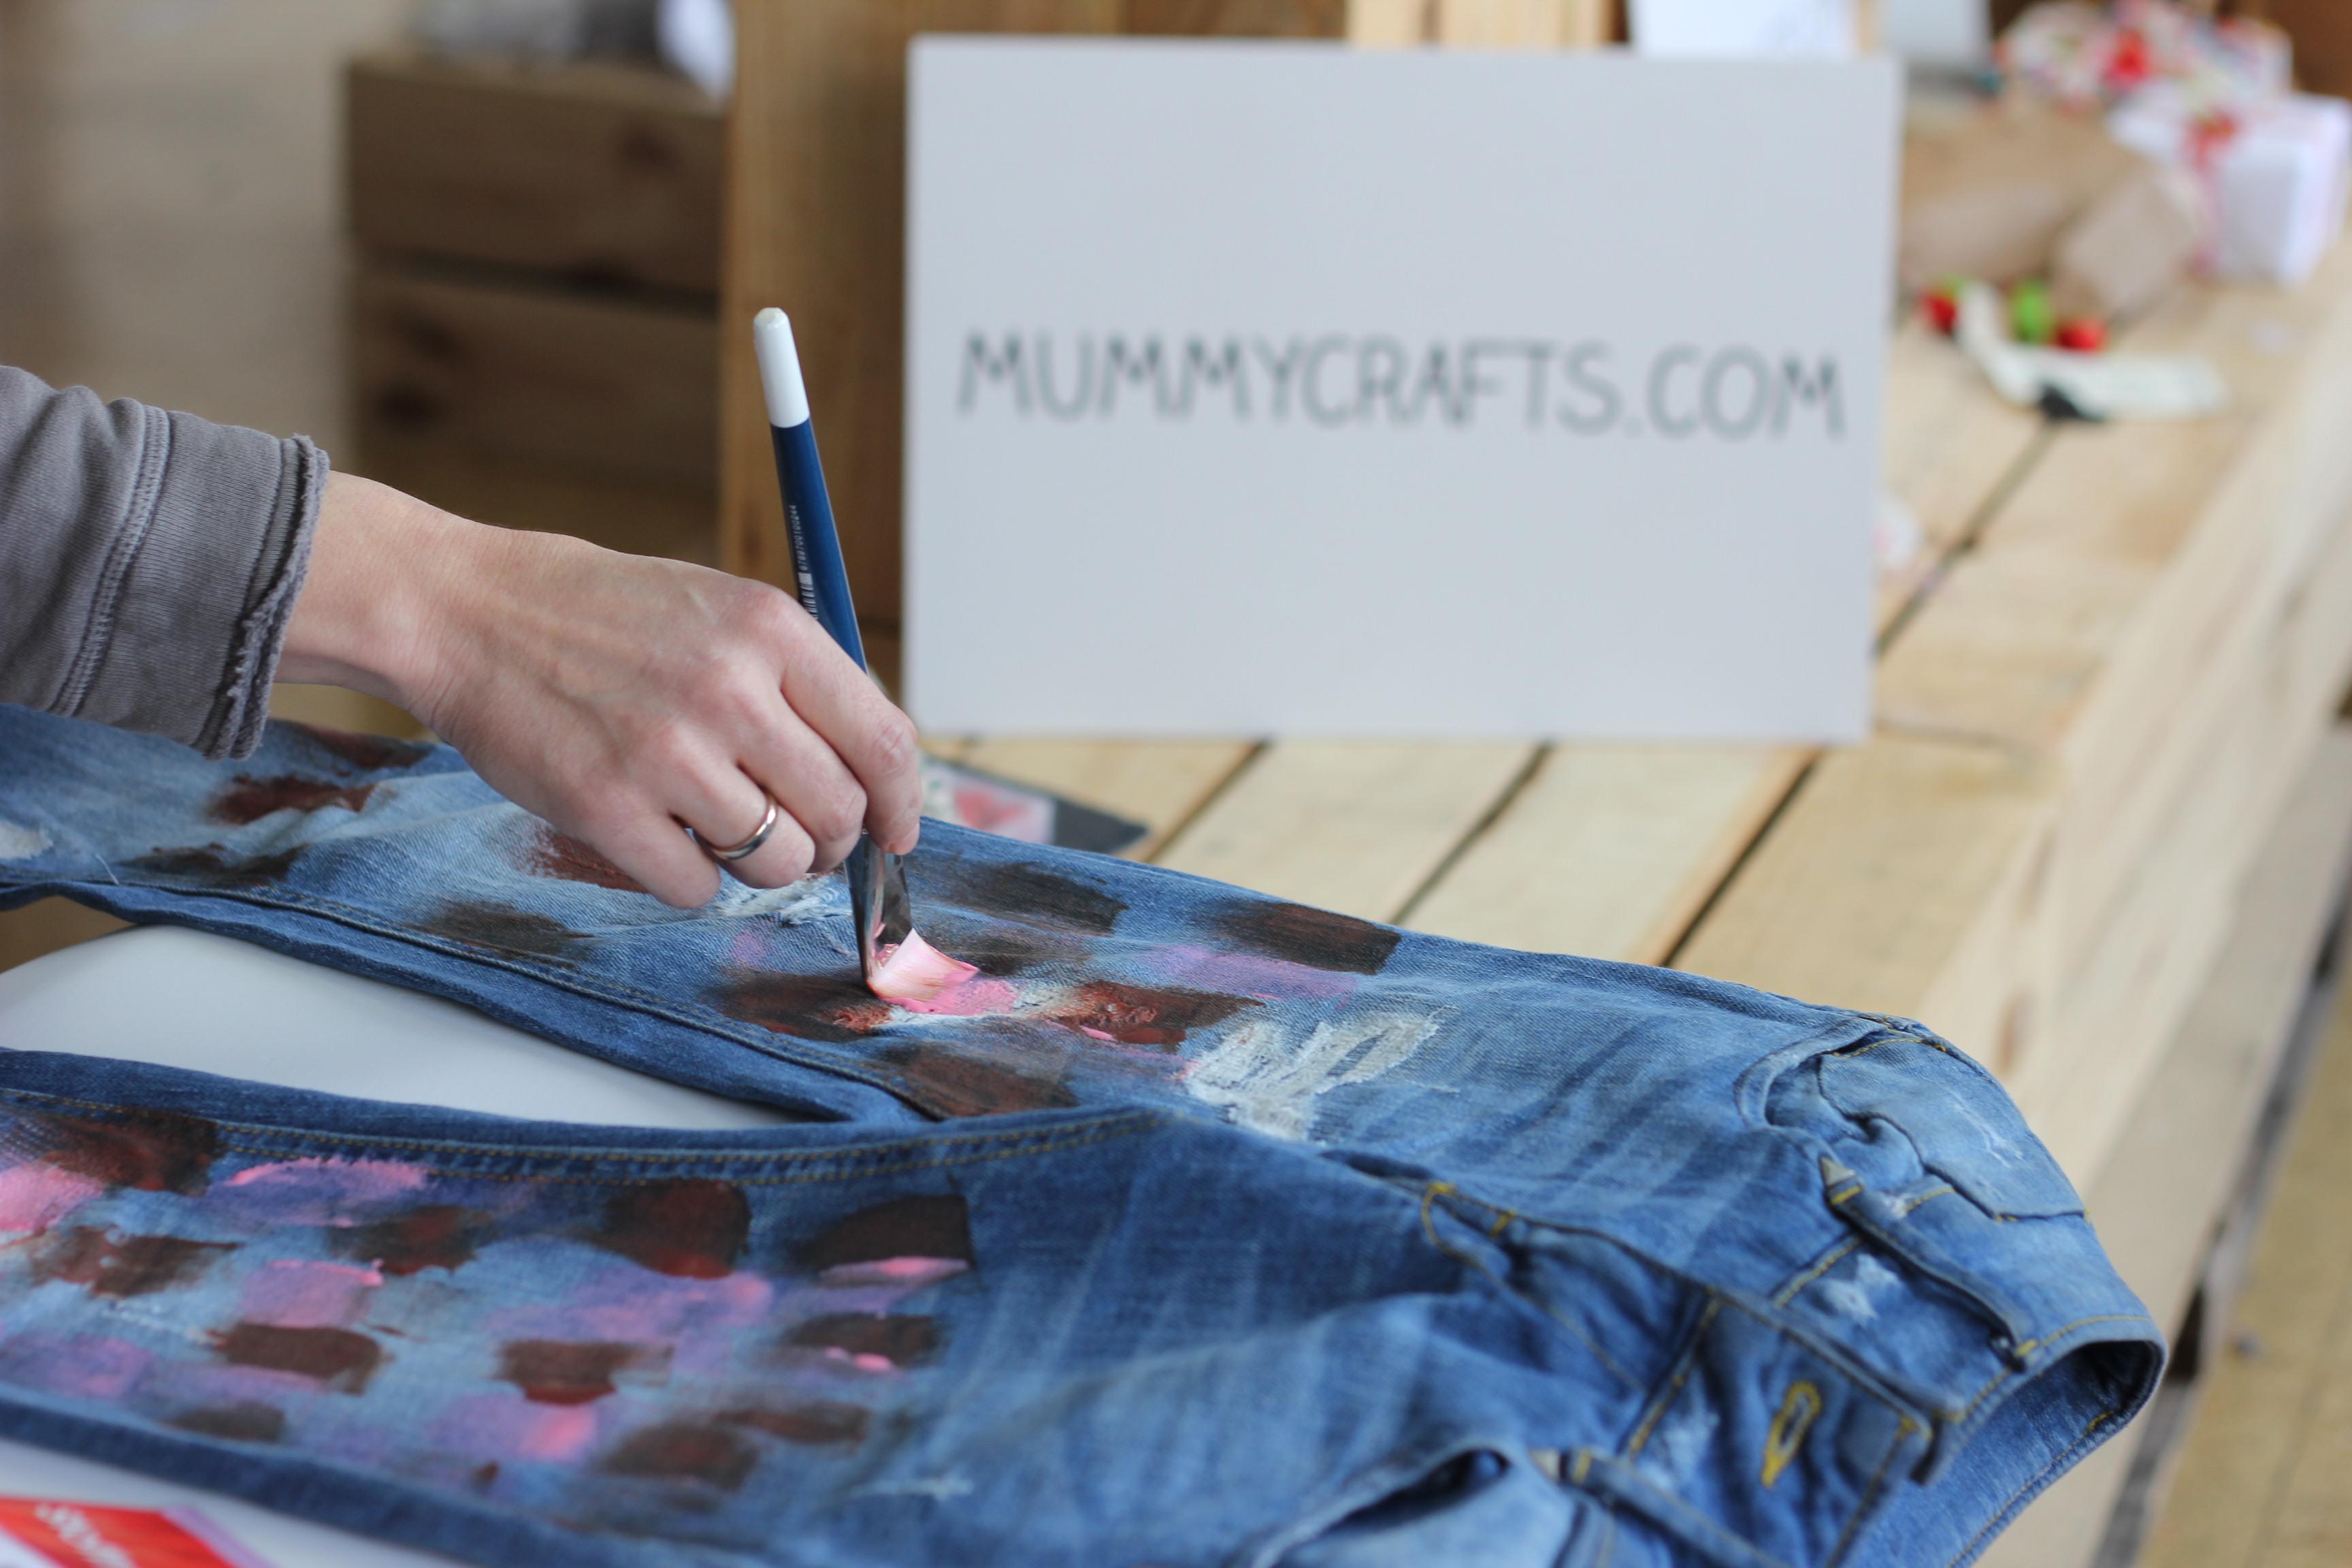 mummy crafts and mytenida-55503-mytenida